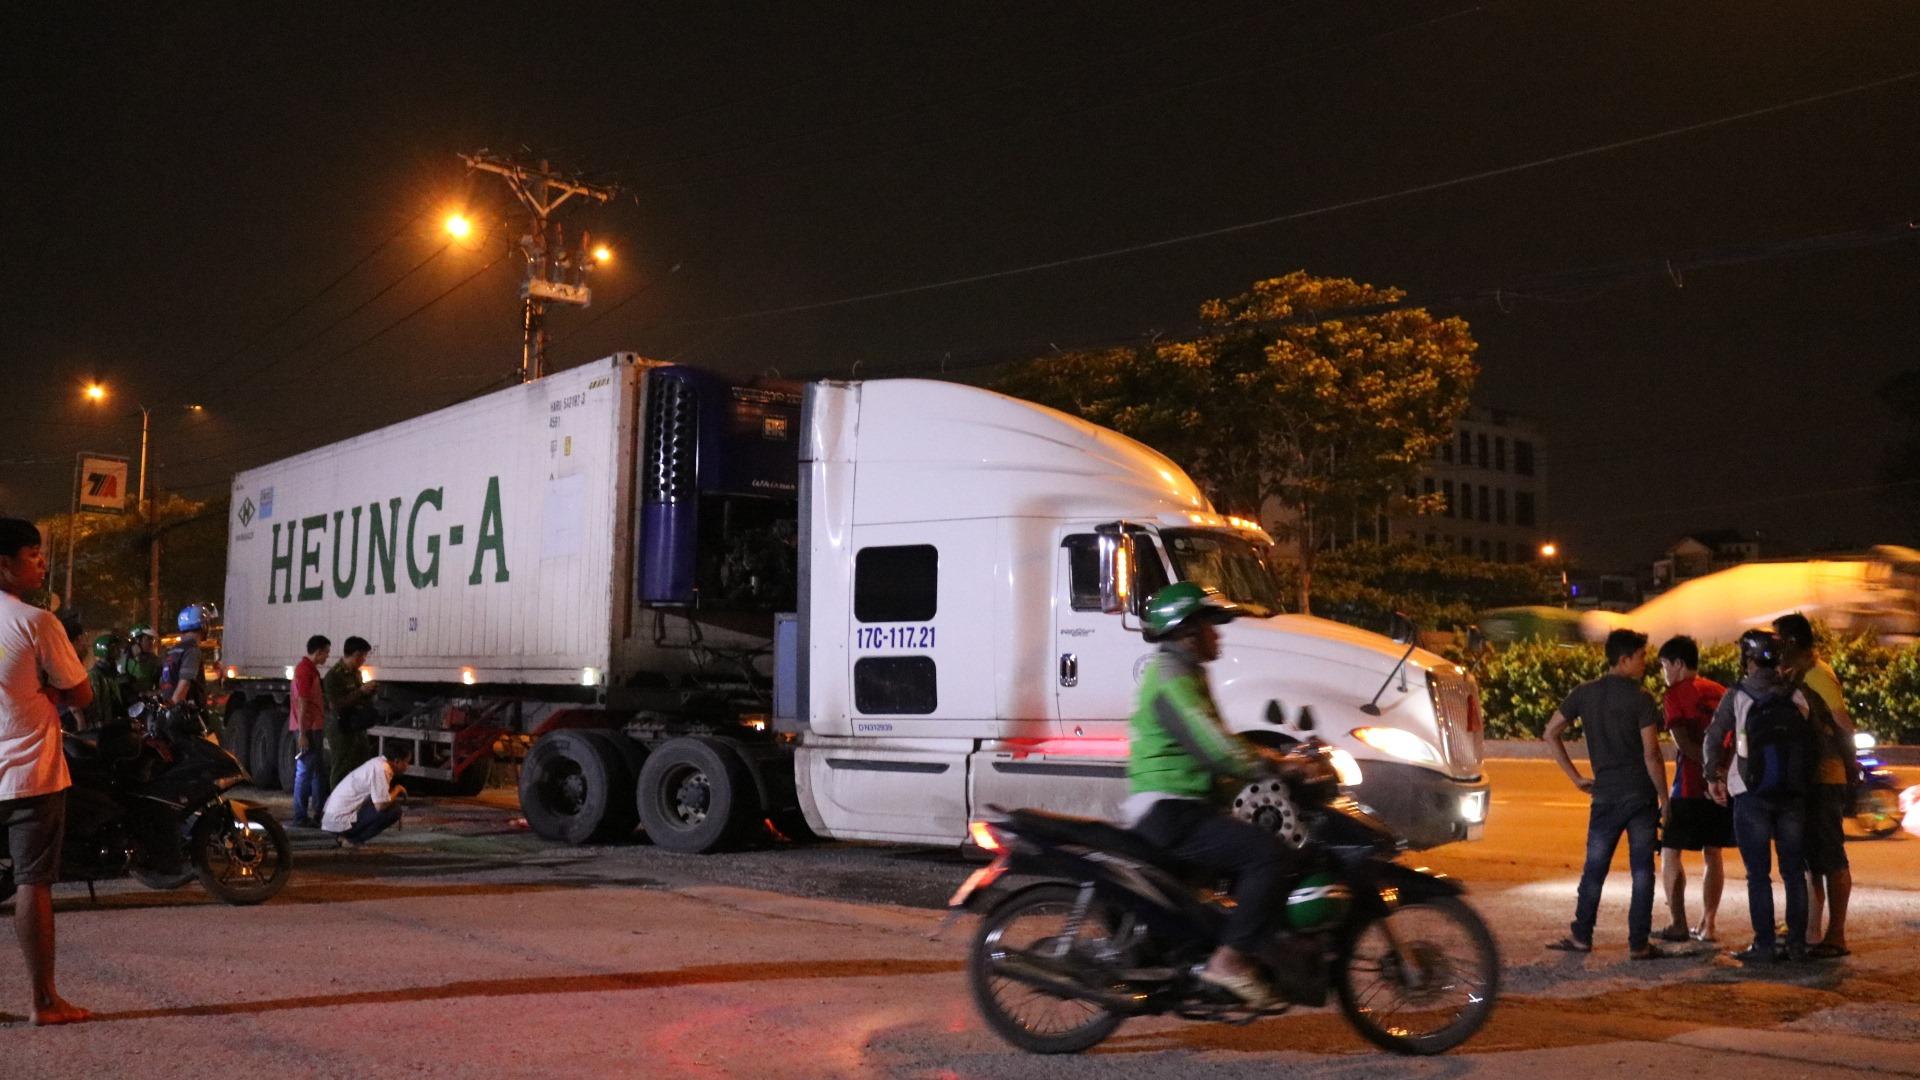 Tài xế xe container bật khóc sau khi cán chết người ngủ trên lề đường - 1